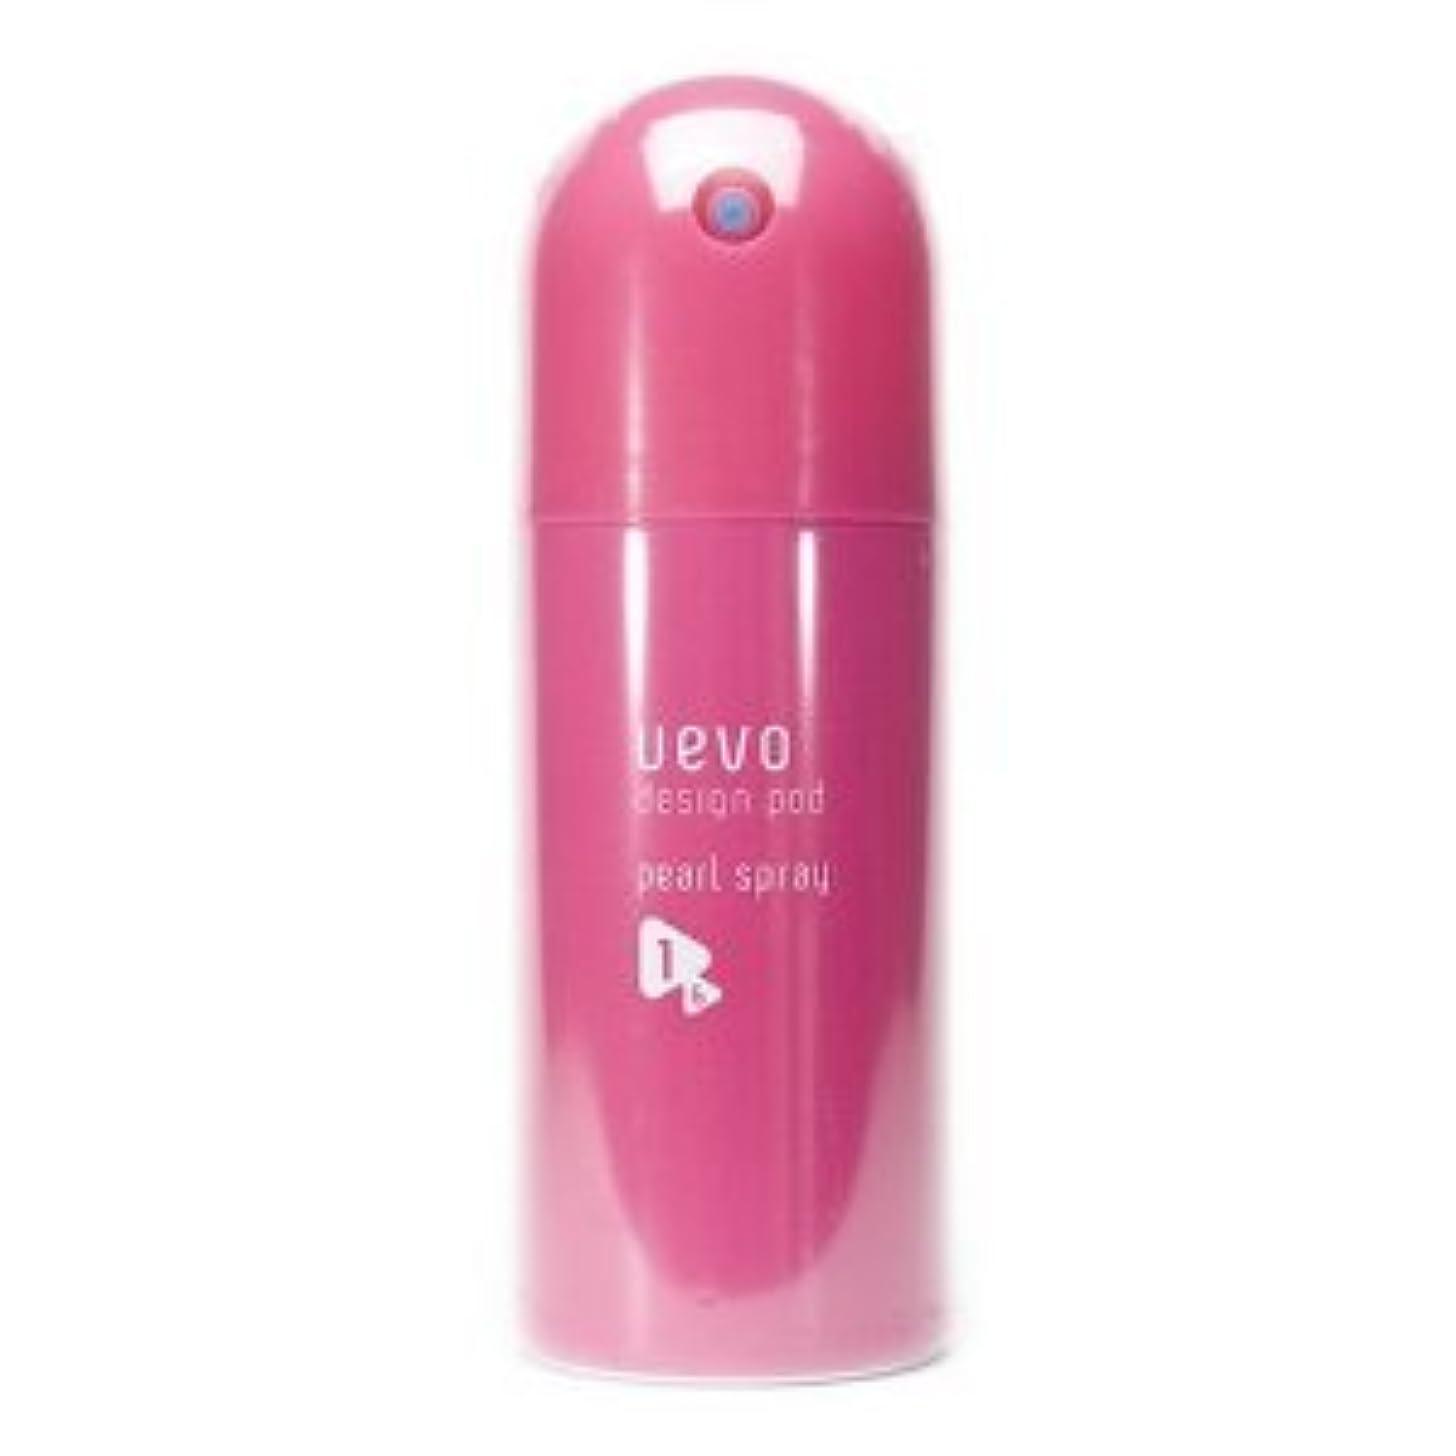 どれか簡単な発明する【X3個セット】 デミ ウェーボ デザインポッド パールスプレー 220ml pearl spray DEMI uevo design pod